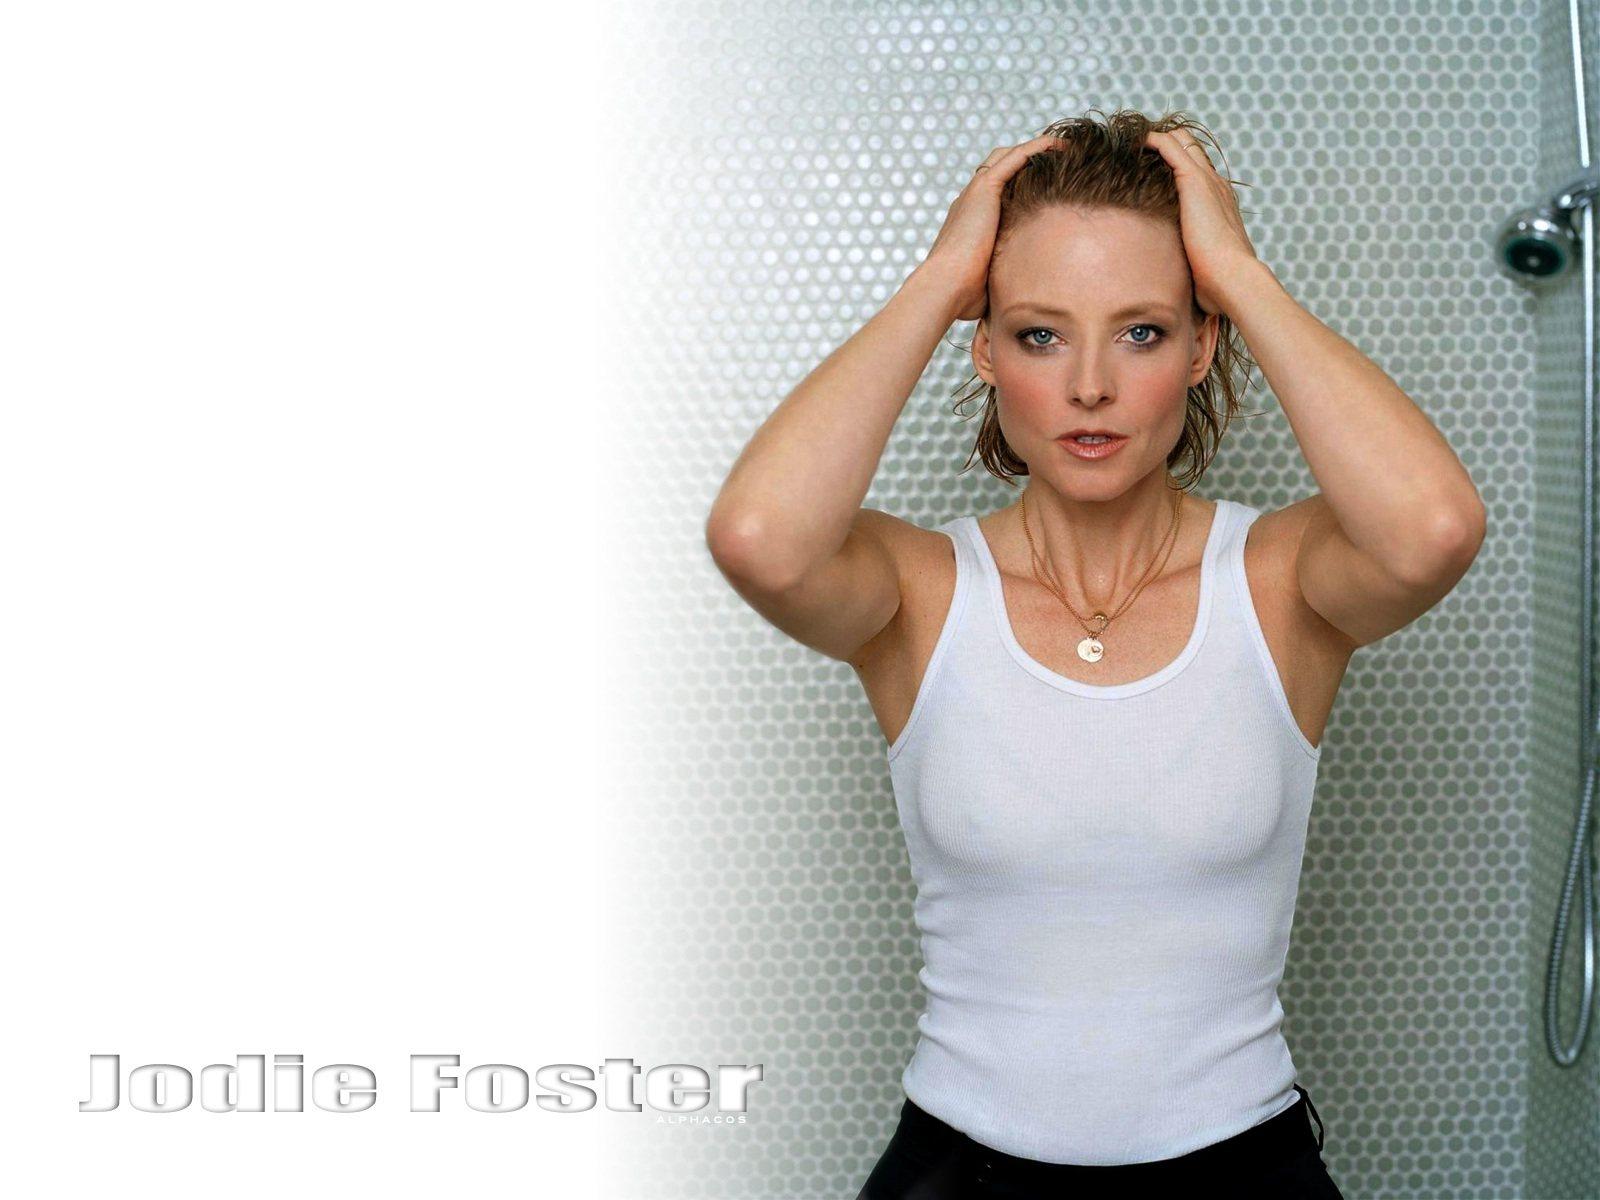 sara foster quotes quotesgram - photo #9